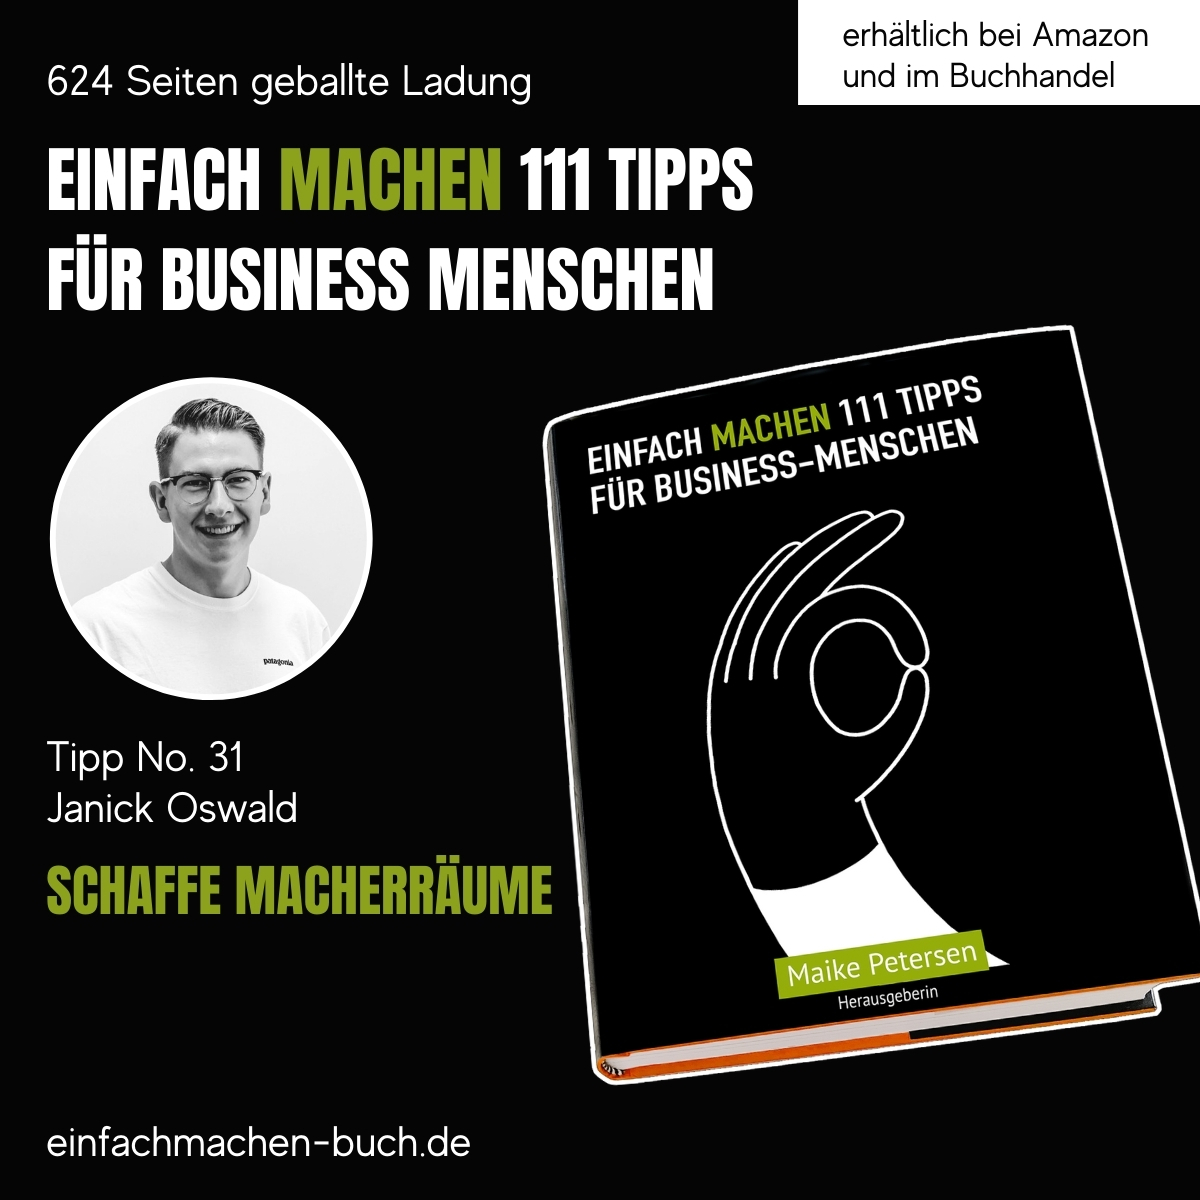 EINFACH MACHEN 111 TIPPS FÜR BUSINESS-MENSCHEN   Tipp No. 31 Janick Oswald